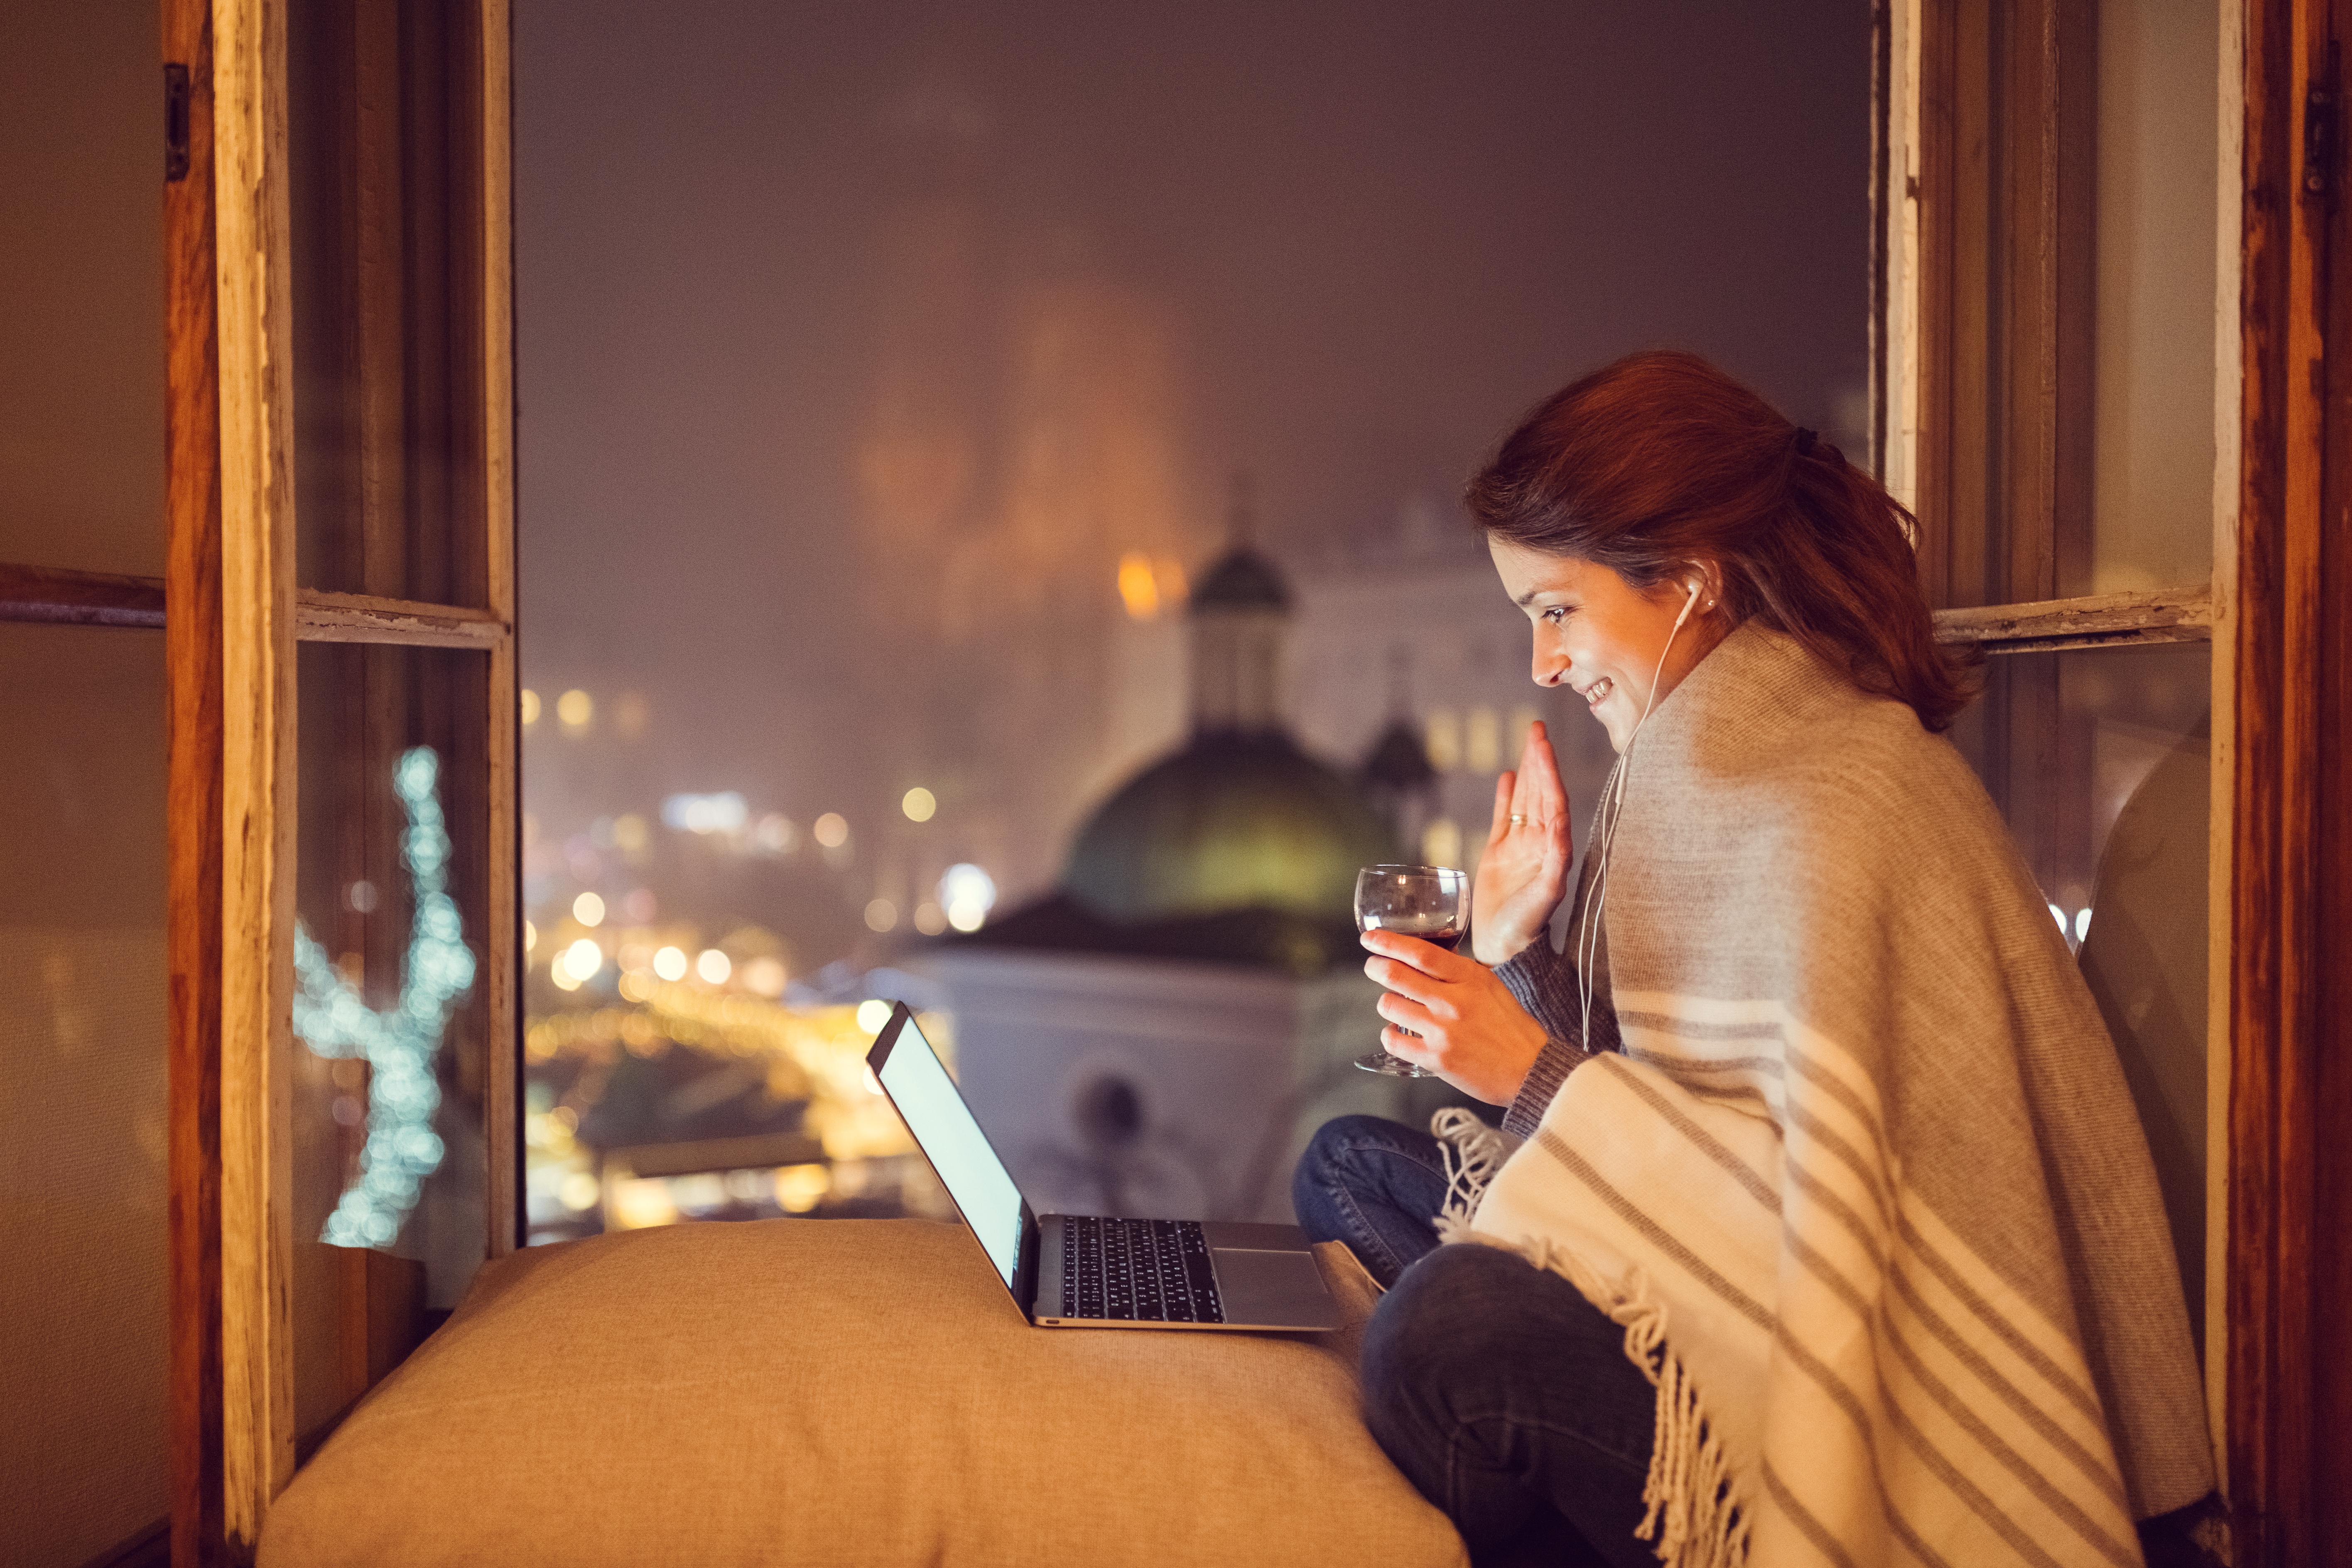 dziewczyna siedząca przy otwartm oknie, przed nią stoi laptop, okrywa się kocem